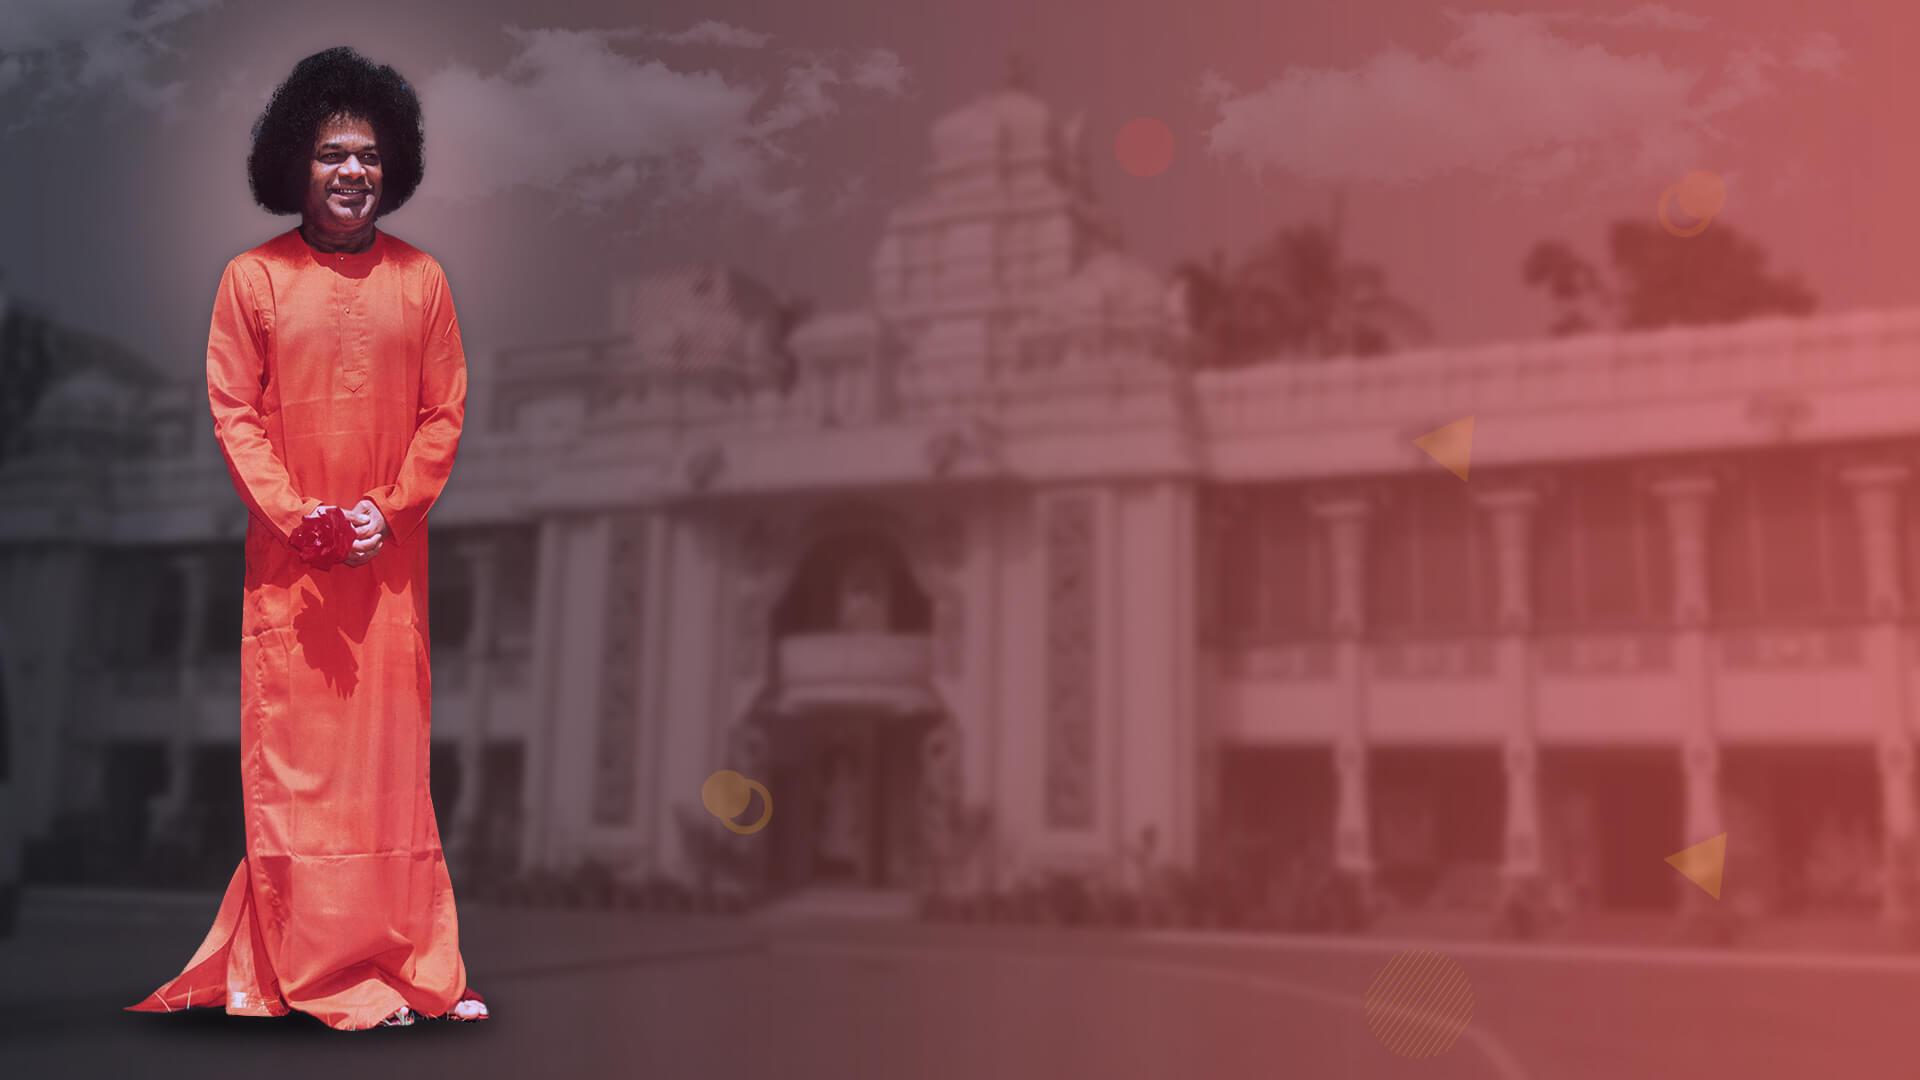 Bhagawan Sri Sathya Sai Baba